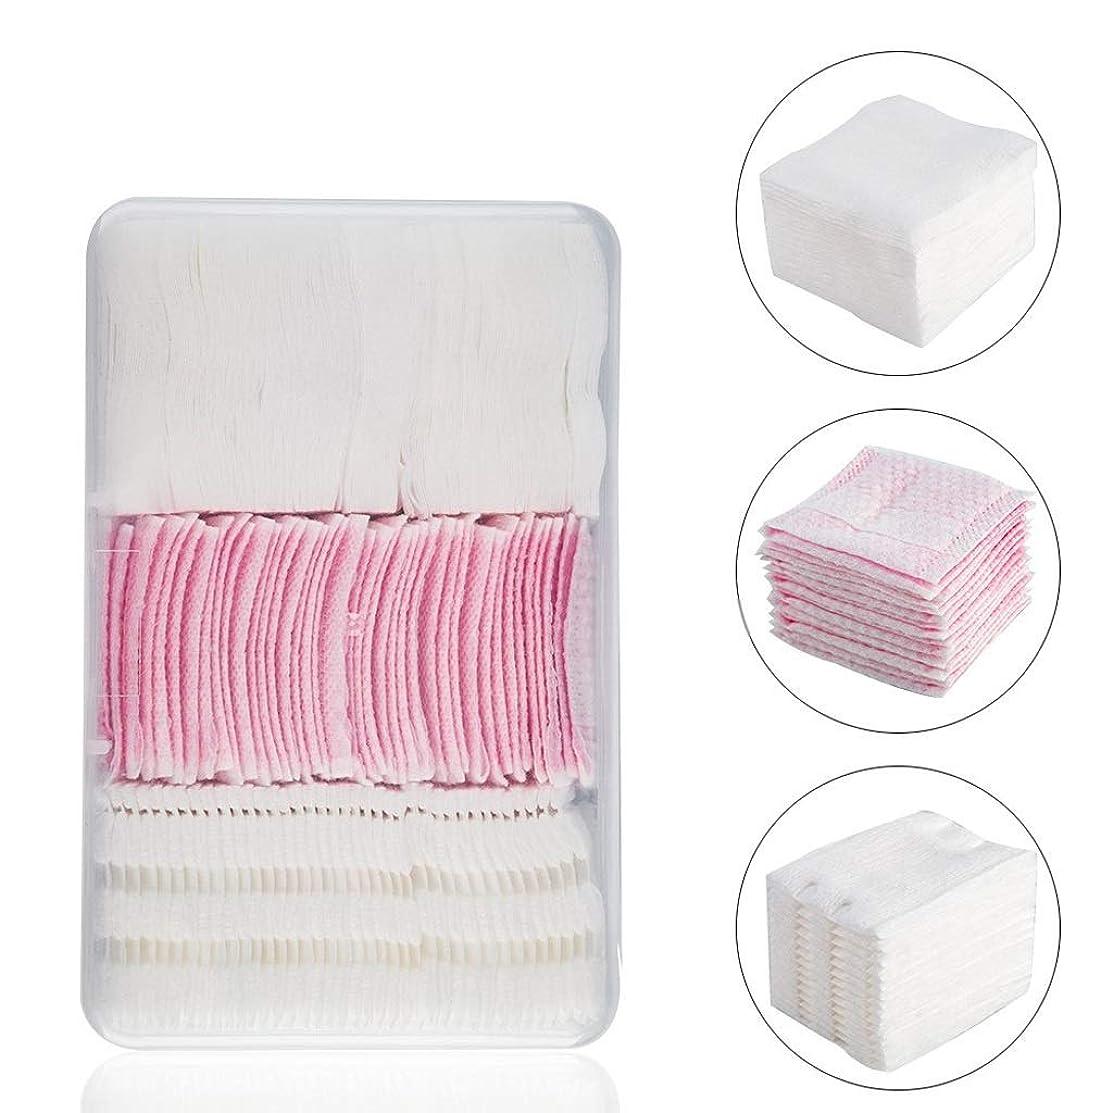 邪魔朝の体操をする多用途クレンジングシート コンビネーション使い捨て厚い綿パッド薄いパッドクリーニングワイパーリムーバーソフト多層クレンジングタオルタオルパッド (Color : White or Pink)